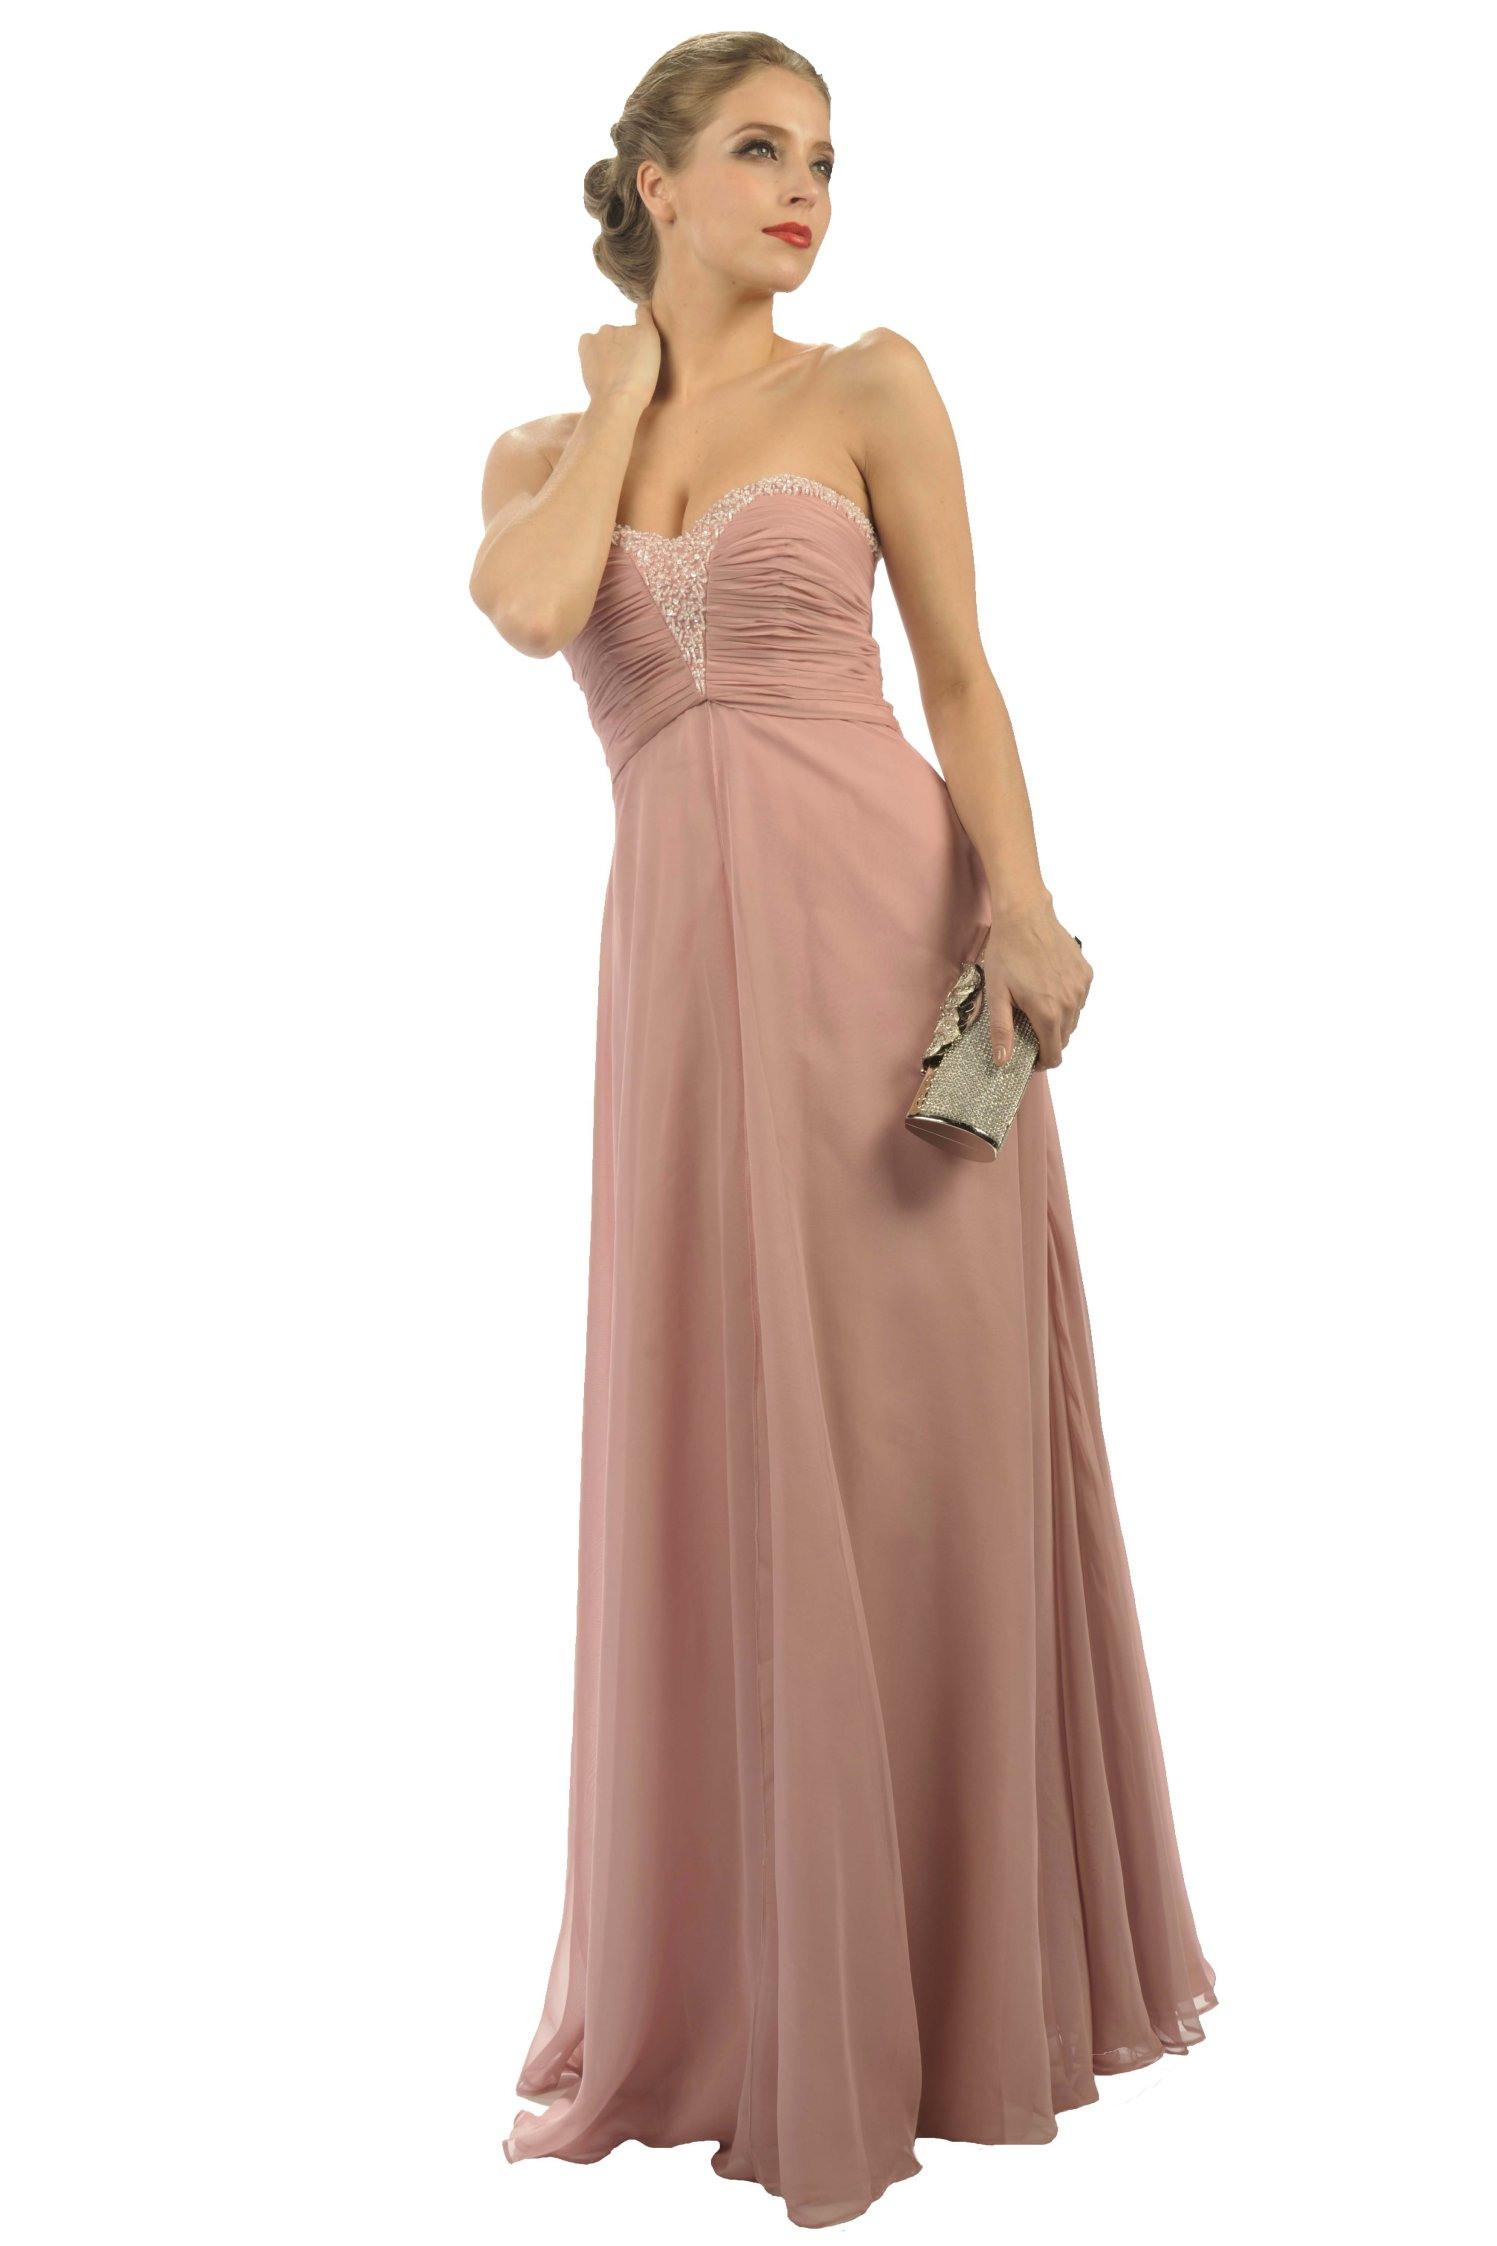 Abend Luxurius Lange Günstige Abendkleider für 2019Formal Luxus Lange Günstige Abendkleider Ärmel